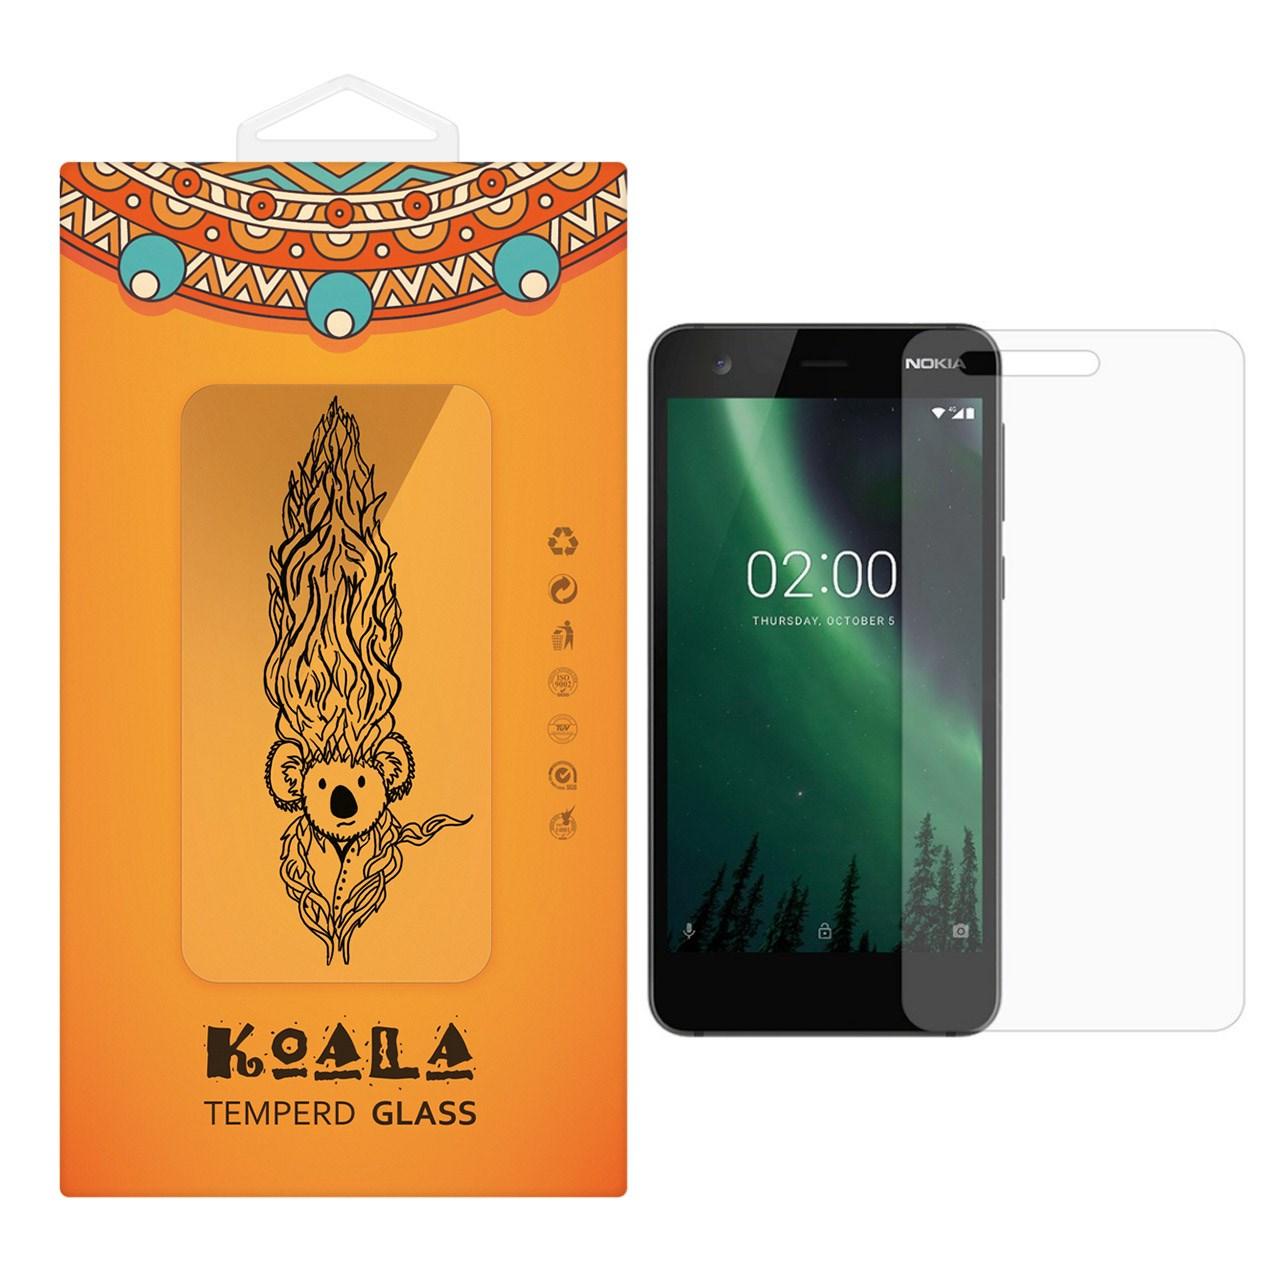 محافظ صفحه نمایش شیشه ای کوالا مدل Tempered مناسب برای گوشی موبایل نوکیا 2